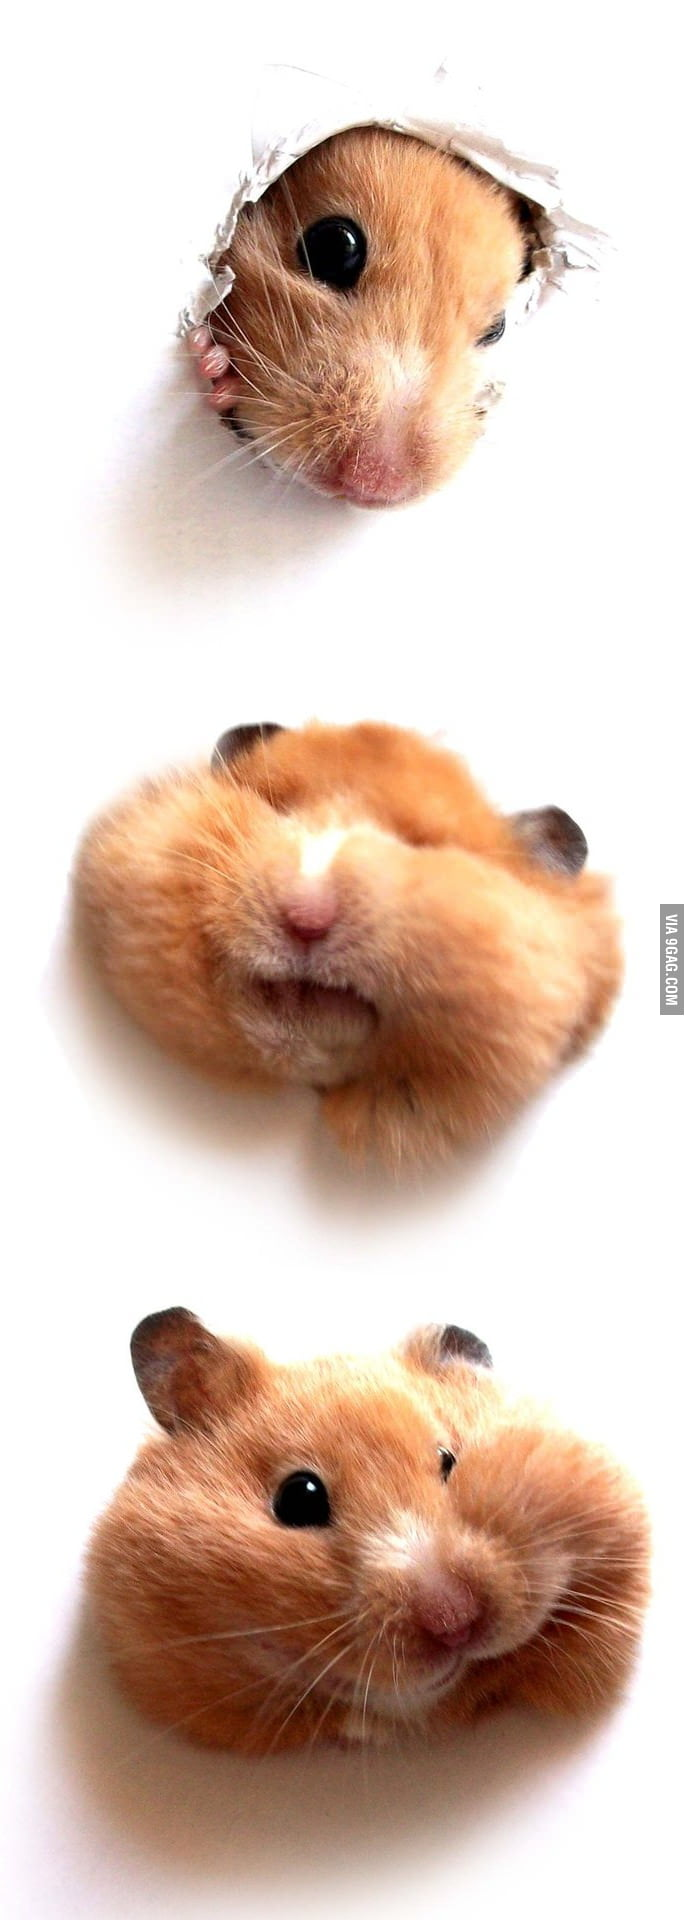 I love hamster!